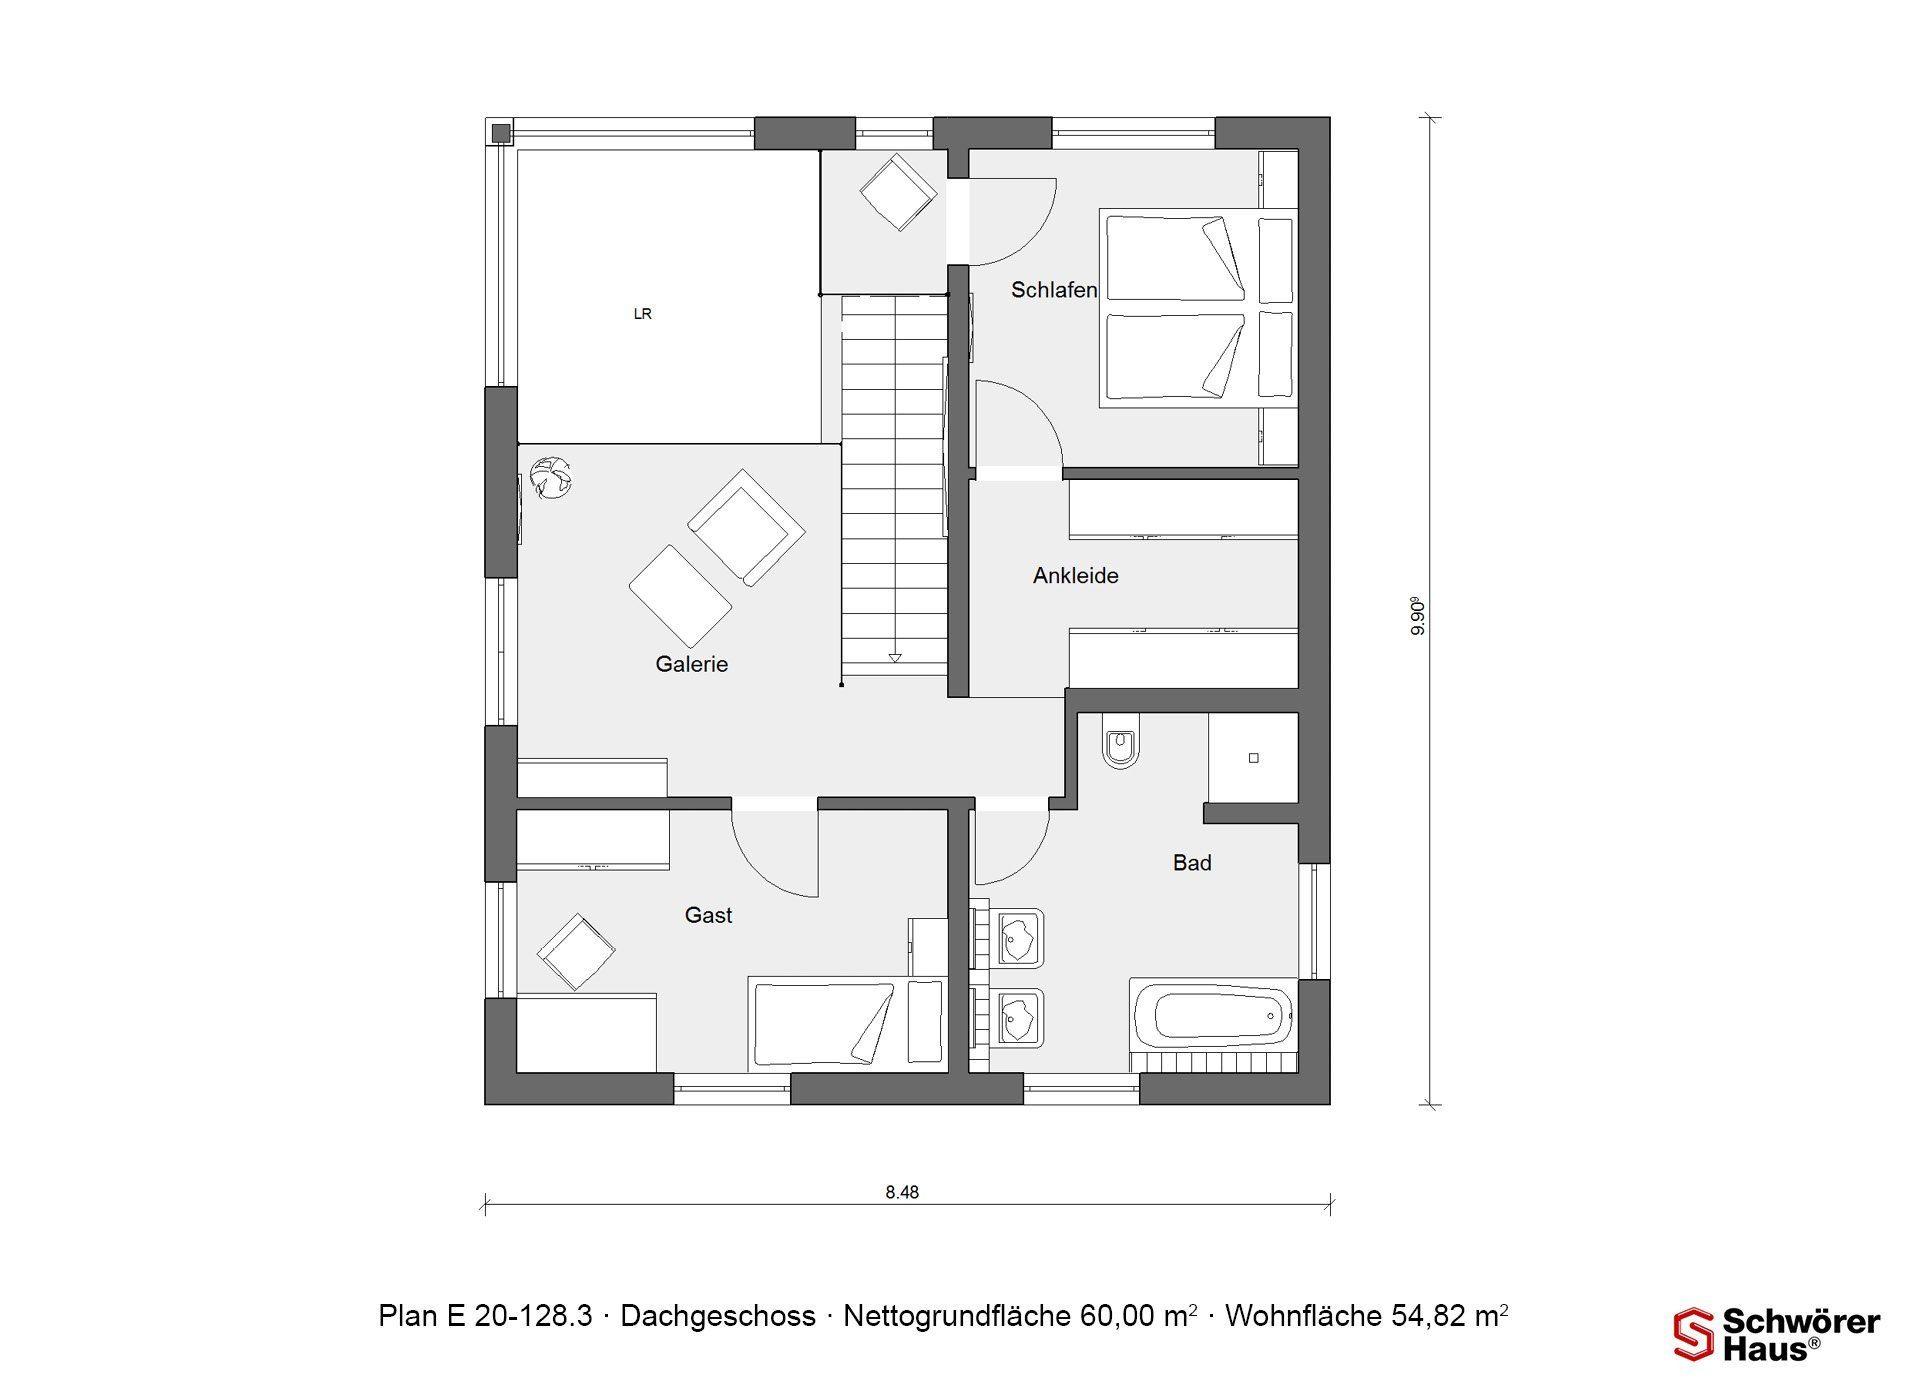 Haus Triebner - Eine Nahaufnahme eines Geräts - Gebäudeplan